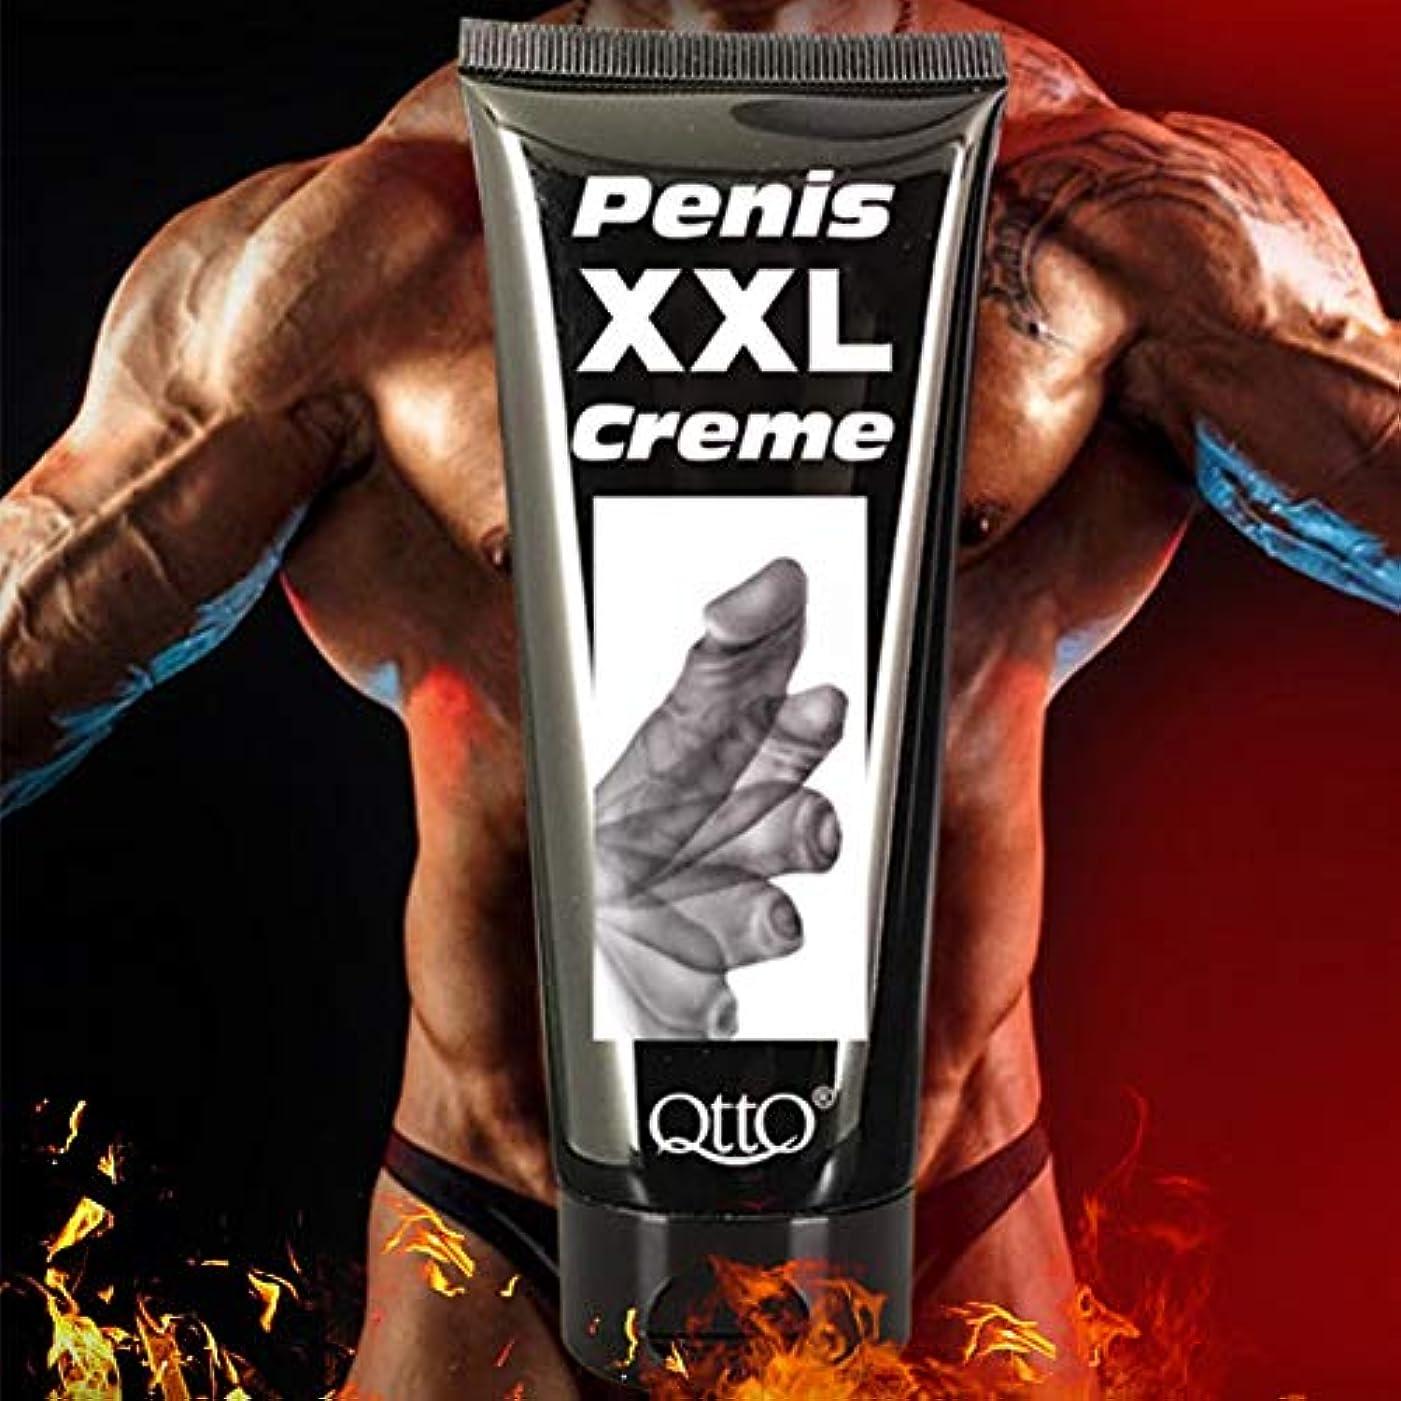 コマンドライトニング混乱したBalai 男性用 ペニス拡大 クリームビッグディック 濃厚化成長強化パフォーマンス セックス製品